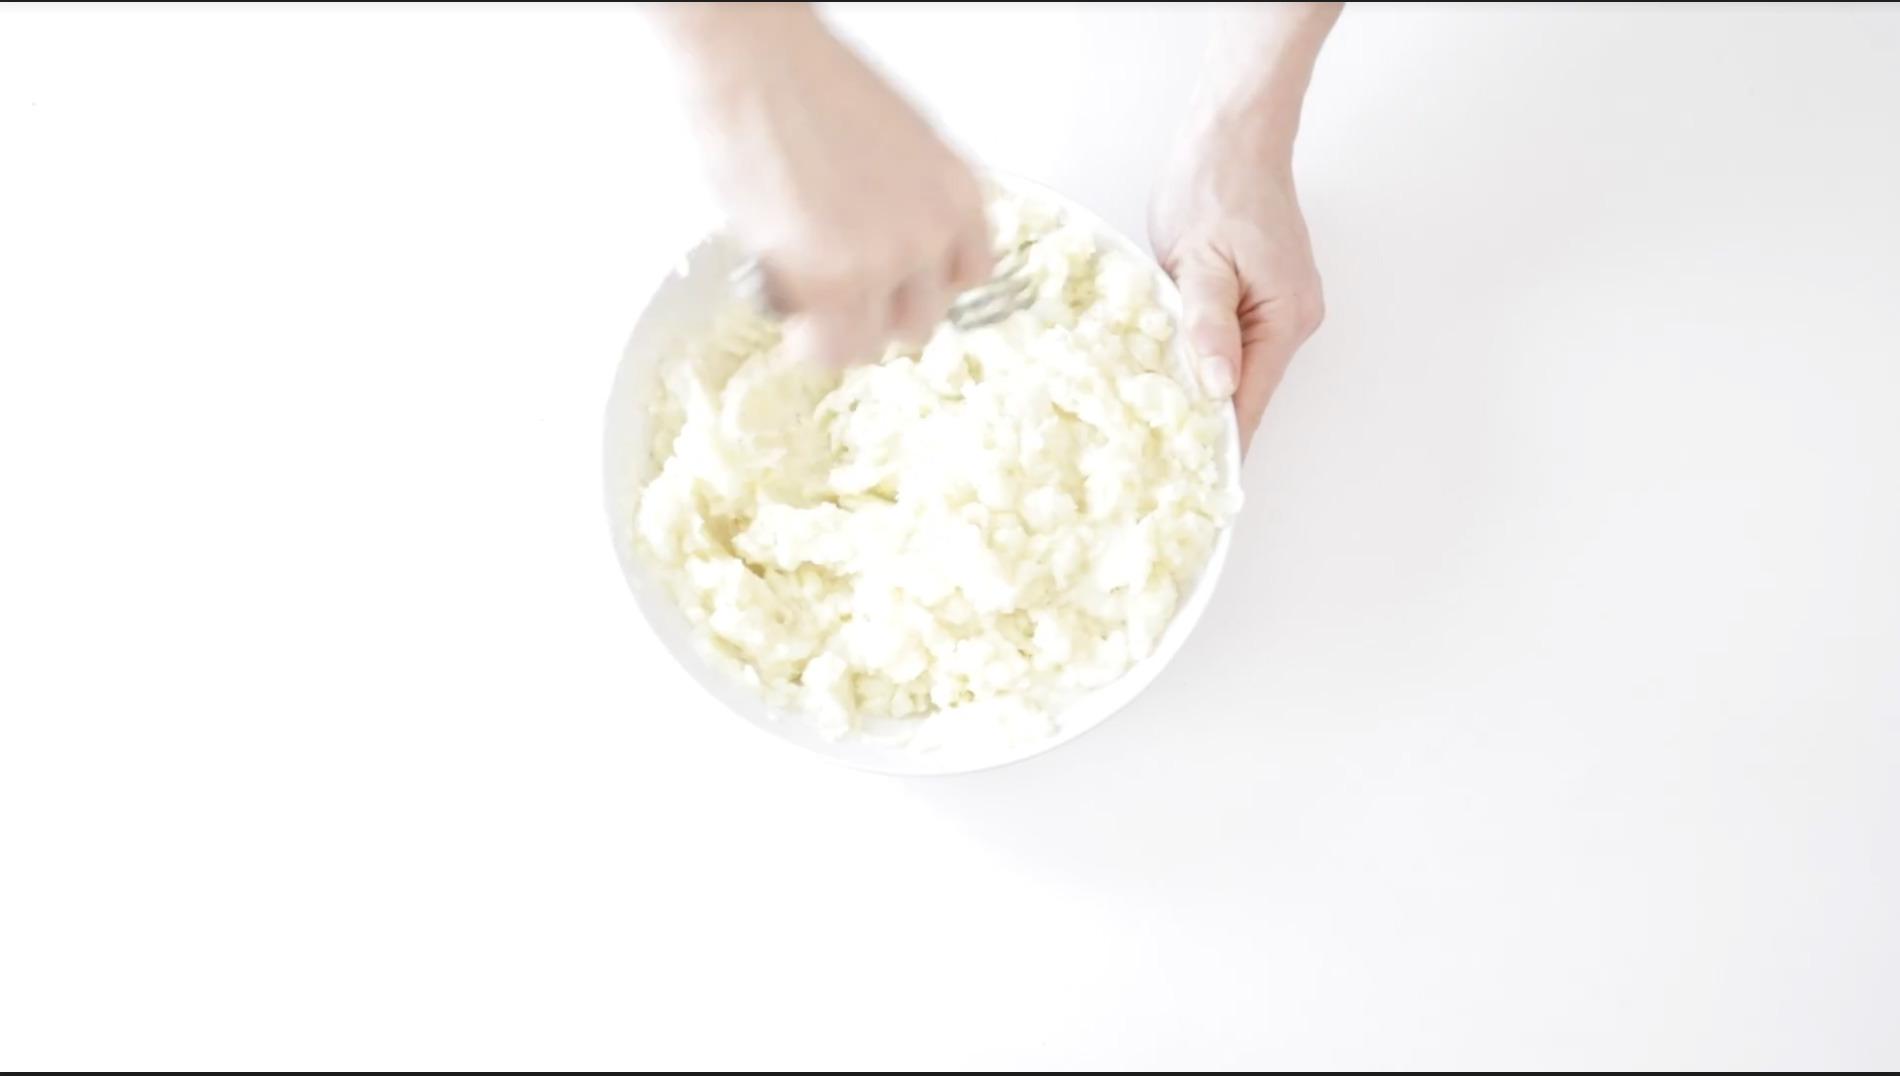 elaboración puré patatas receta hiperproteica